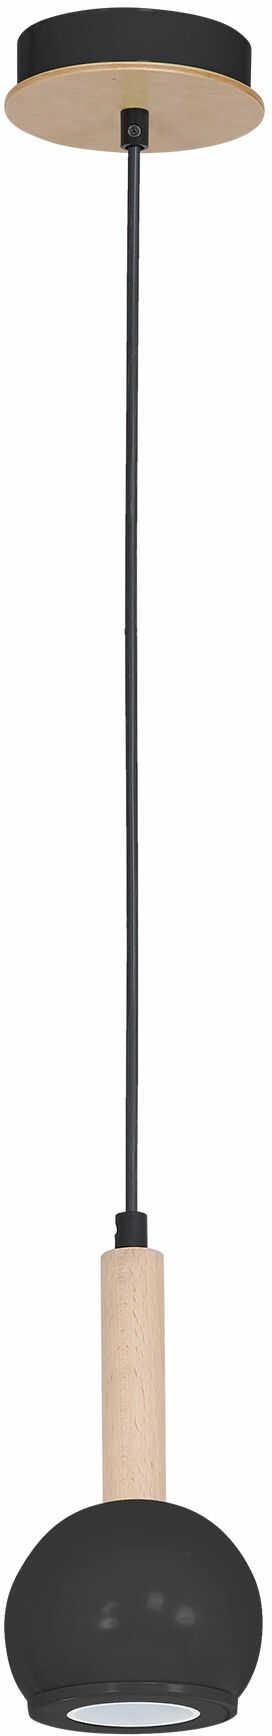 Milagro BOLLE BLACK MLP8843 lampa wisząca półokragły klosz czarny regulowana wysokość 1xGU10 12cm